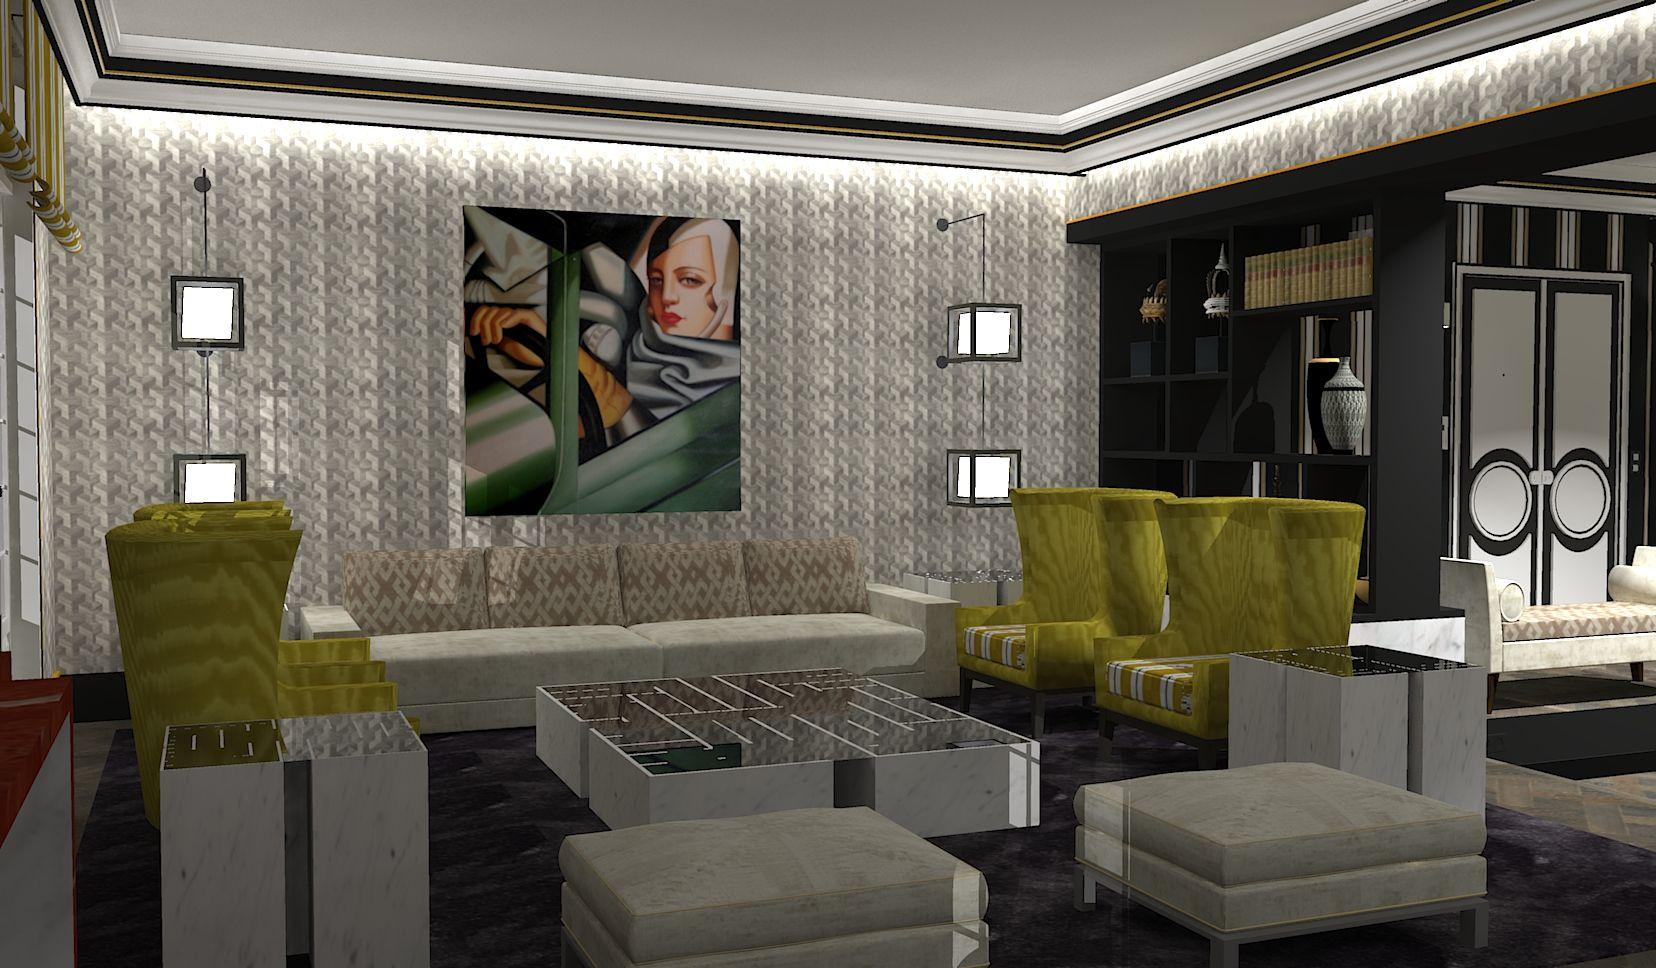 Interior Designed Bedrooms Impressive Paris Interior Design Bedroom Art Deco  Projects We Designed 2018